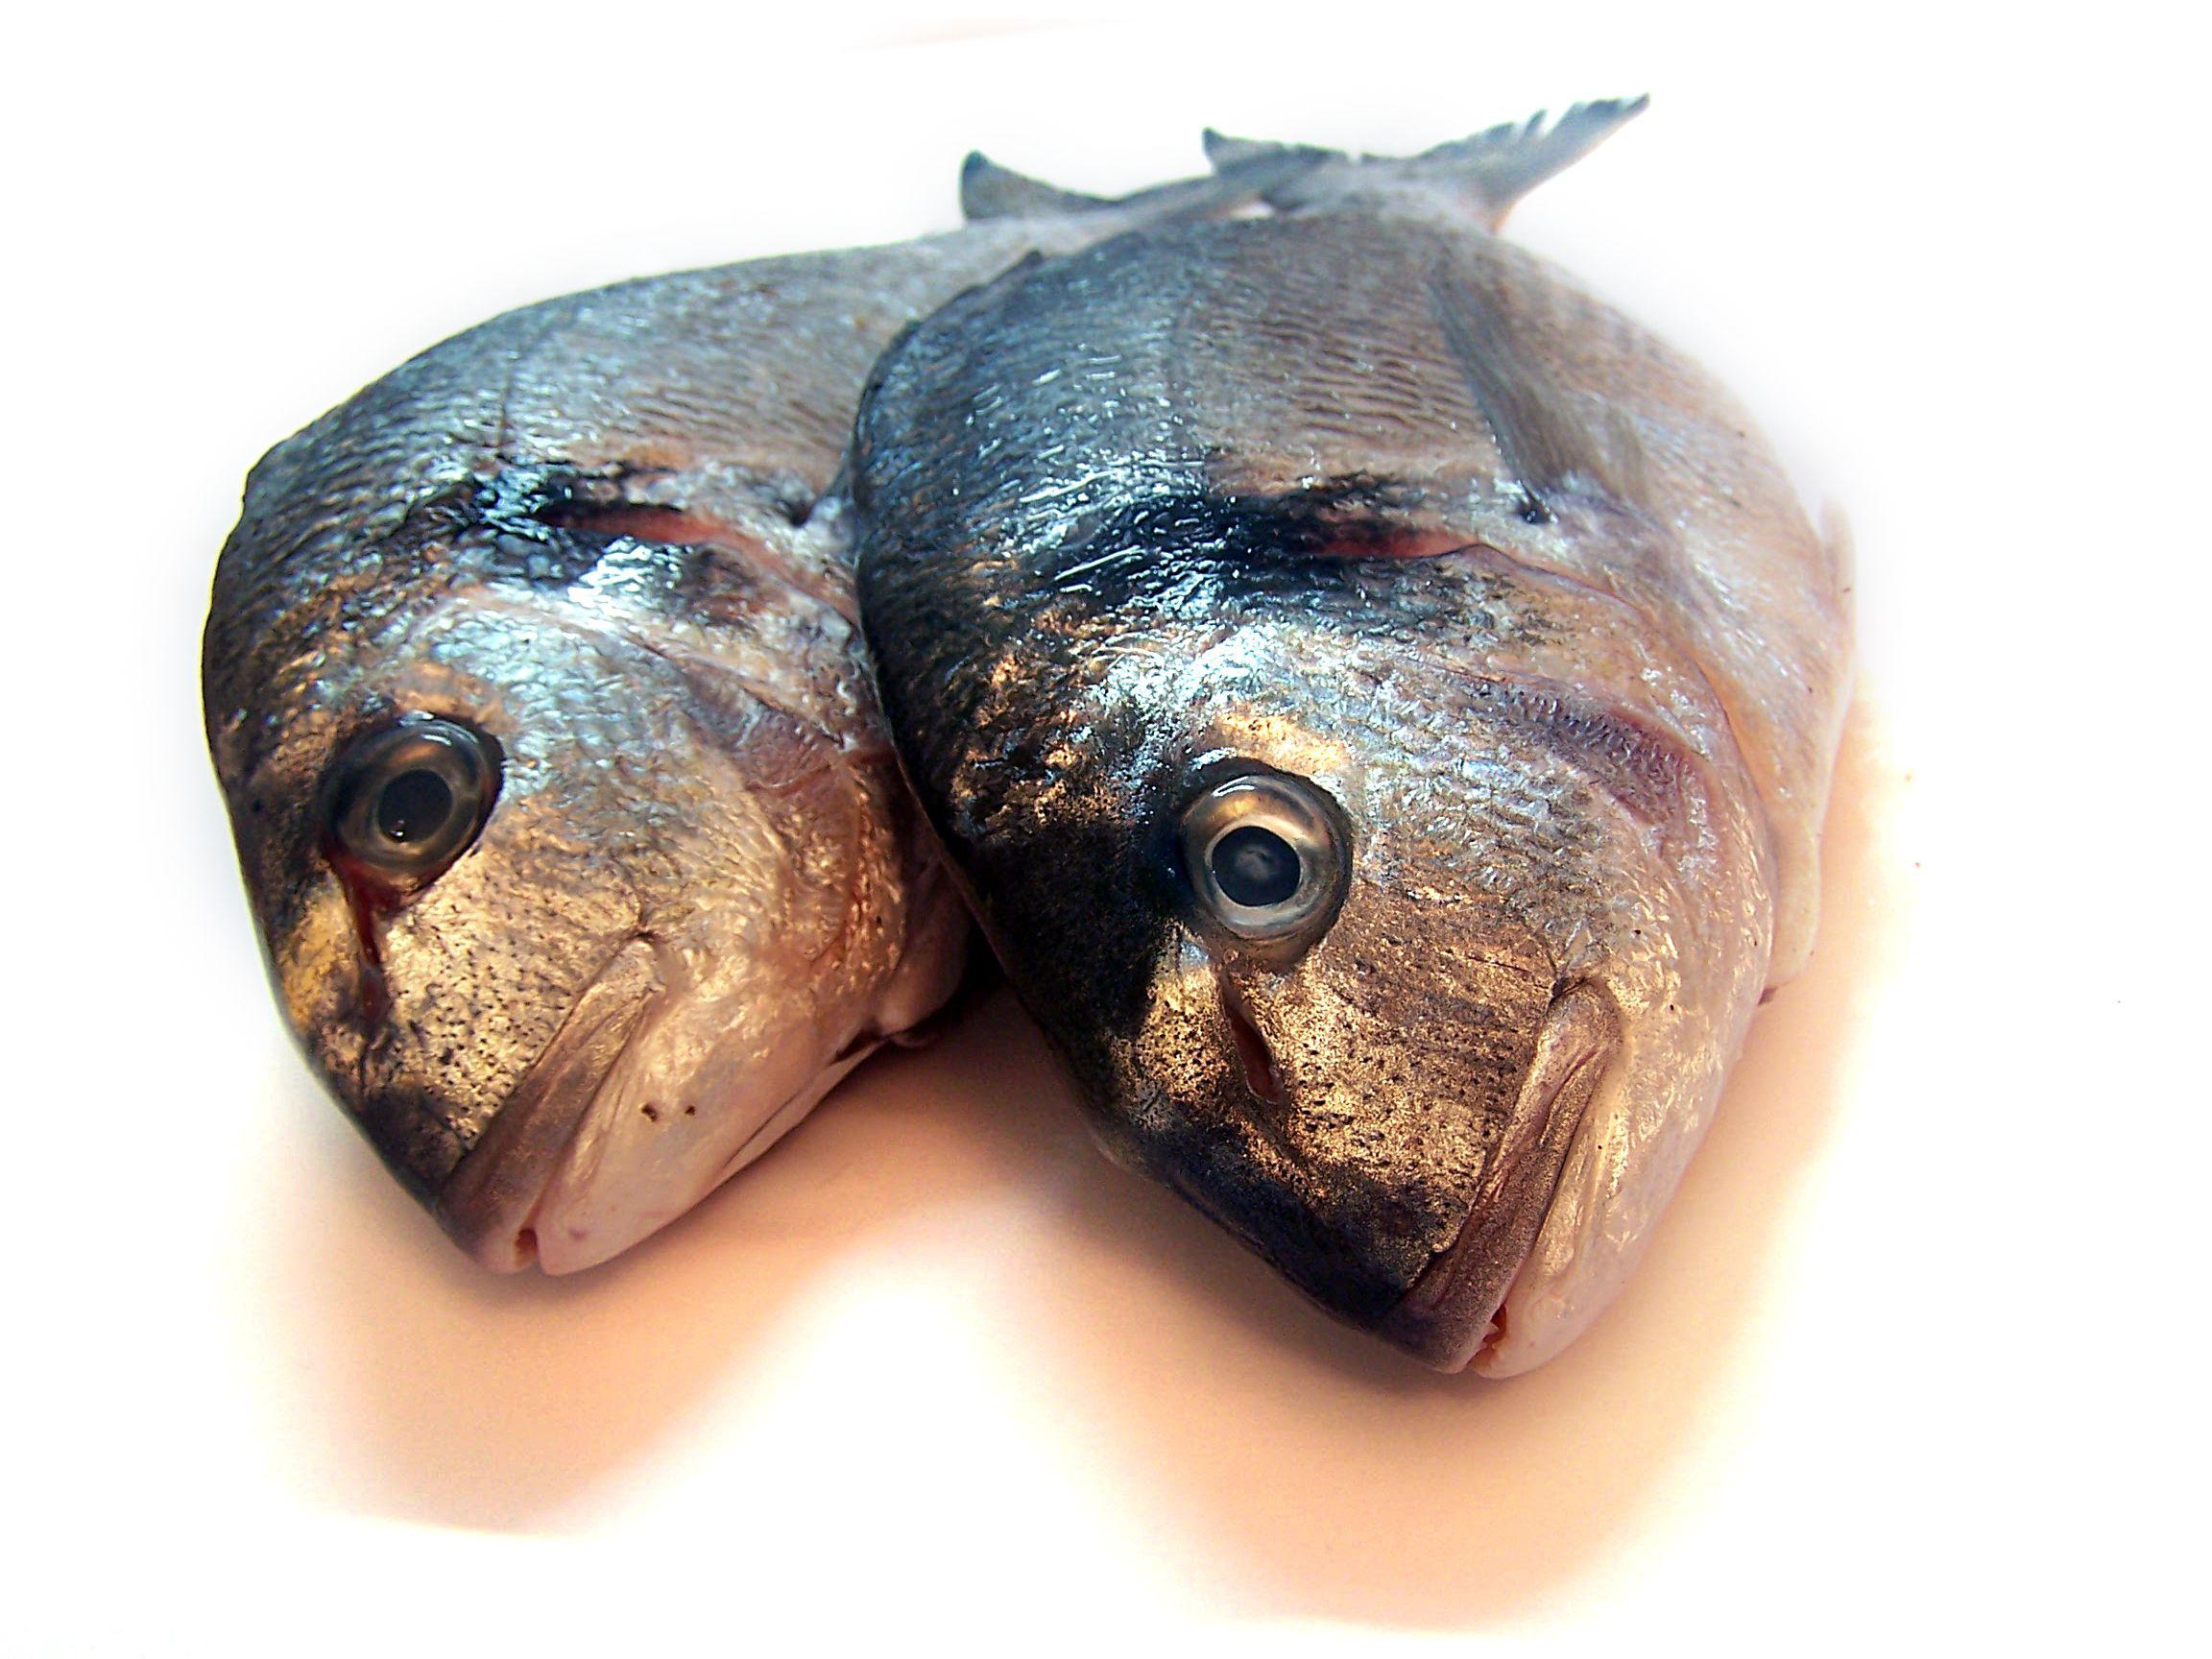 Простая профилактика поможет минимизировать ощущение рыбного запаха.